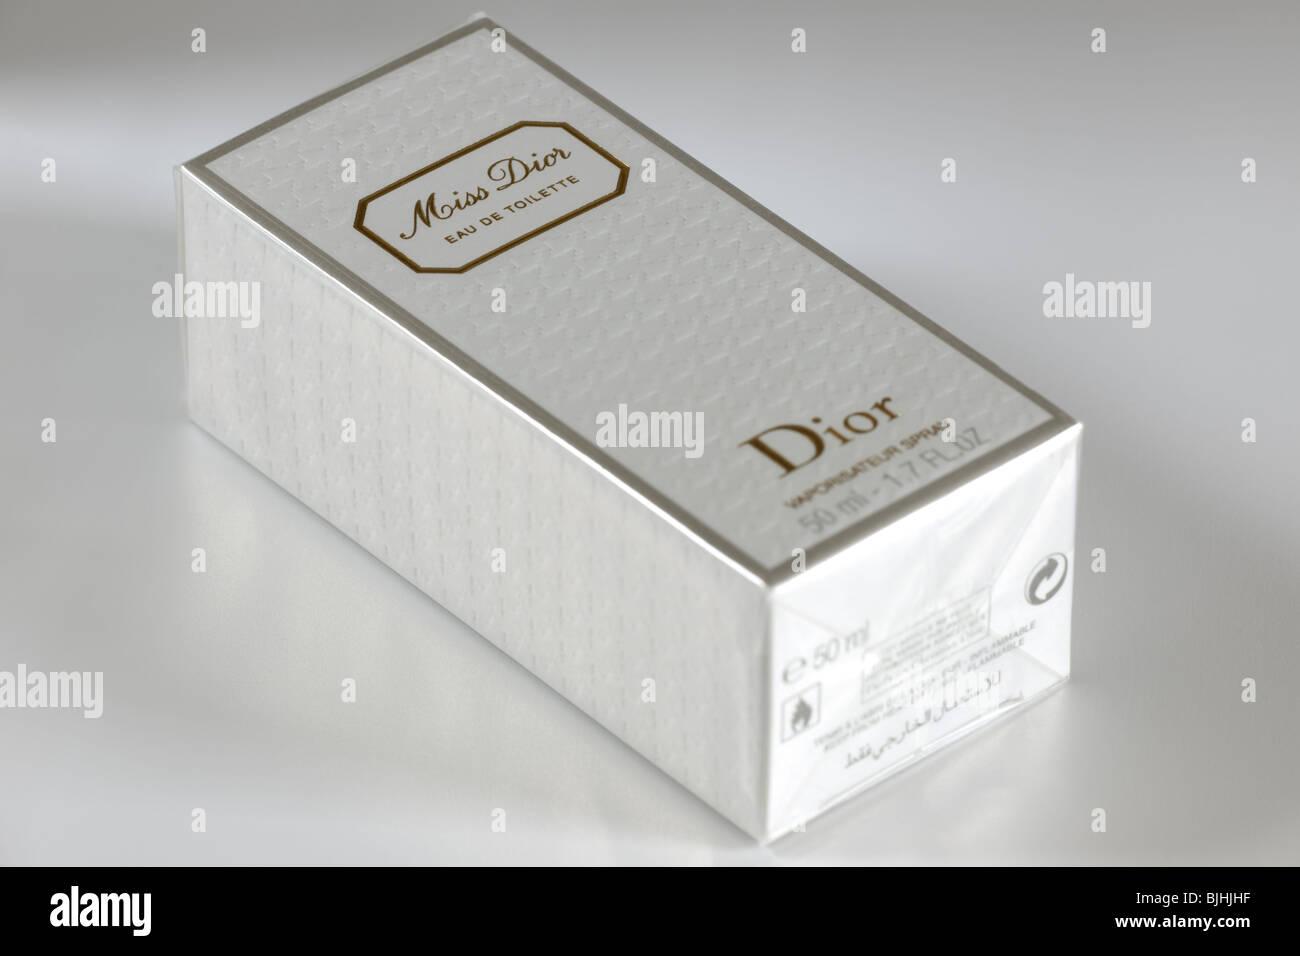 Boxed 50ml bottle of Miss Dior Eau de toilette vapour spray perfume - Stock Image